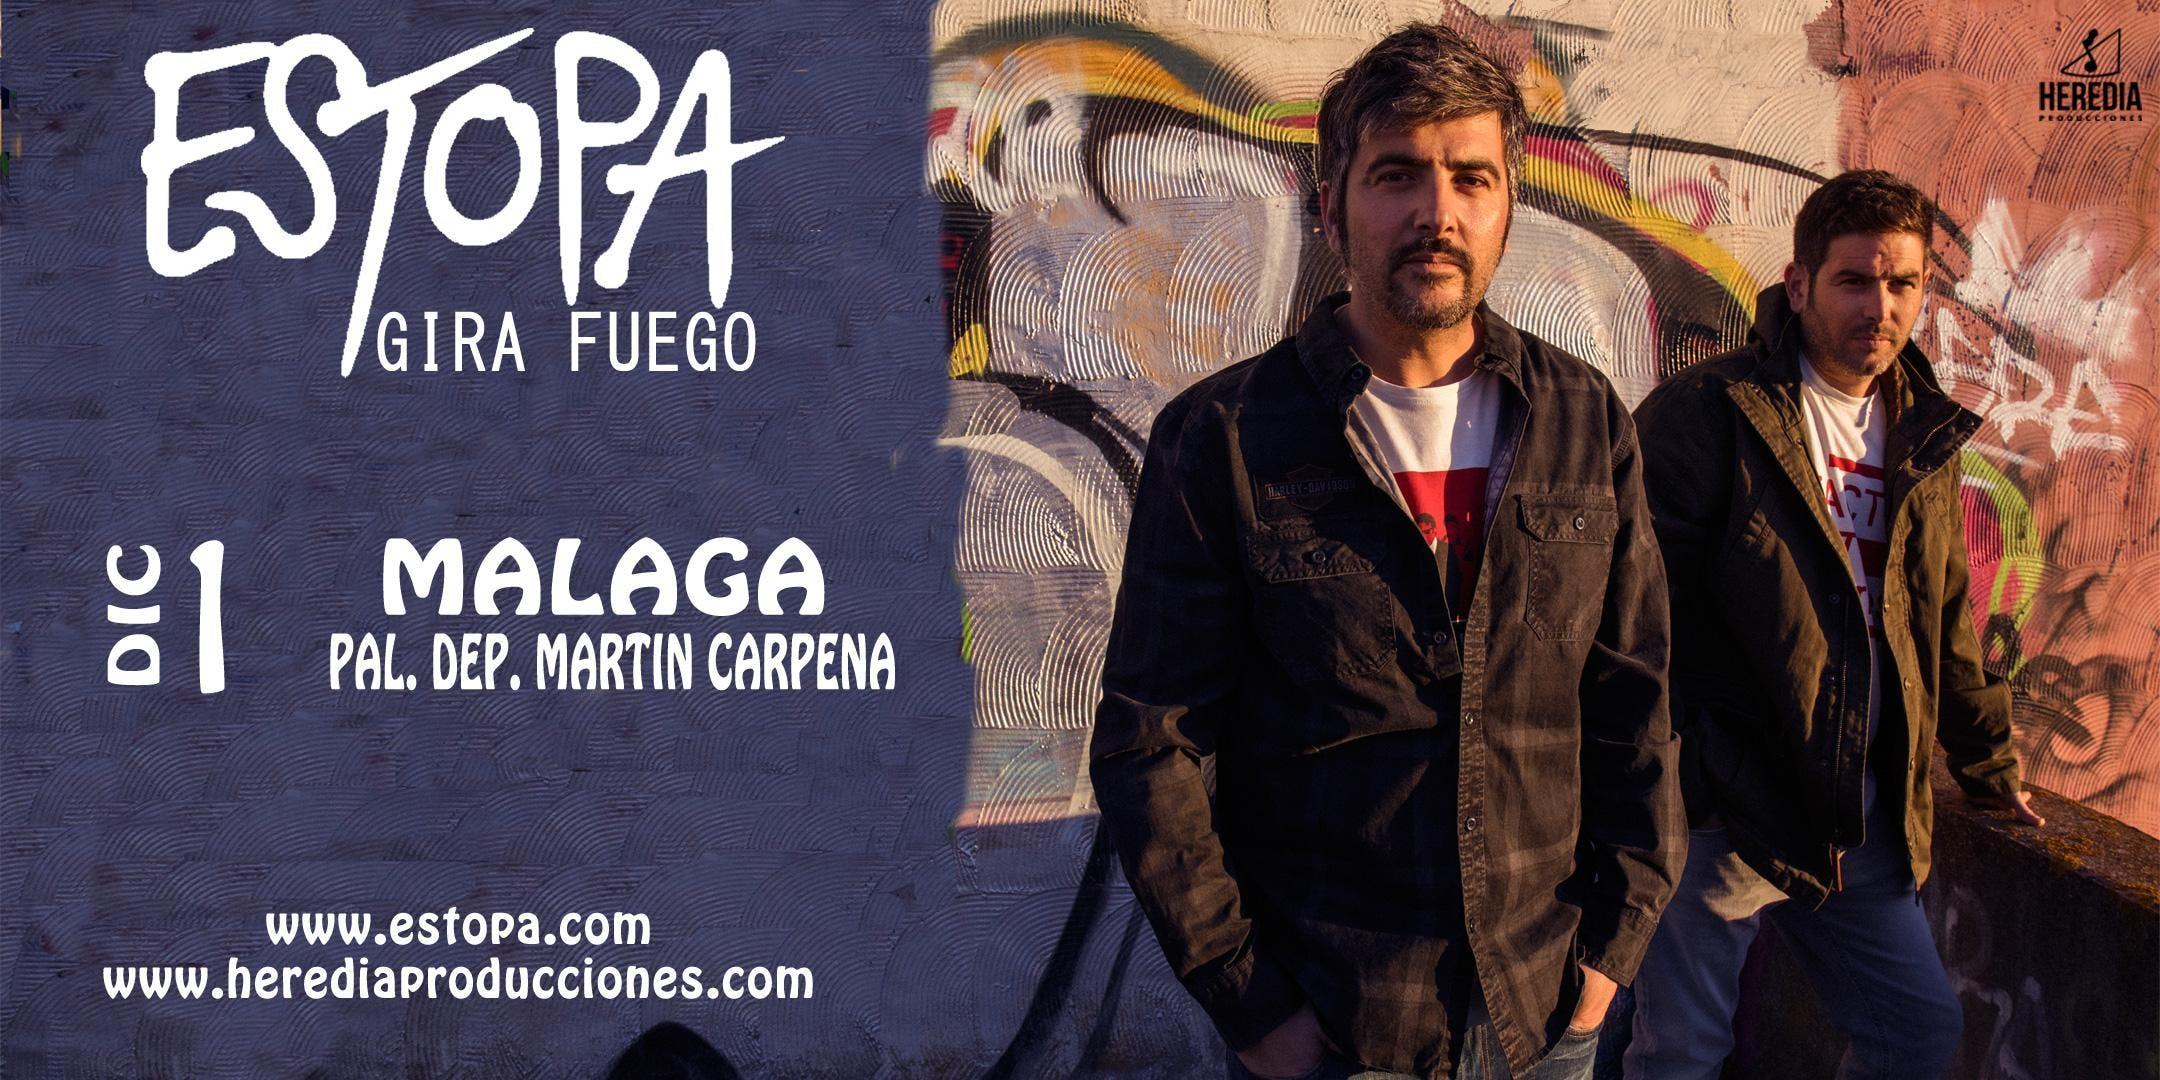 ESTOPA presenta GIRA FUEGO en Mlaga (2 Fecha)